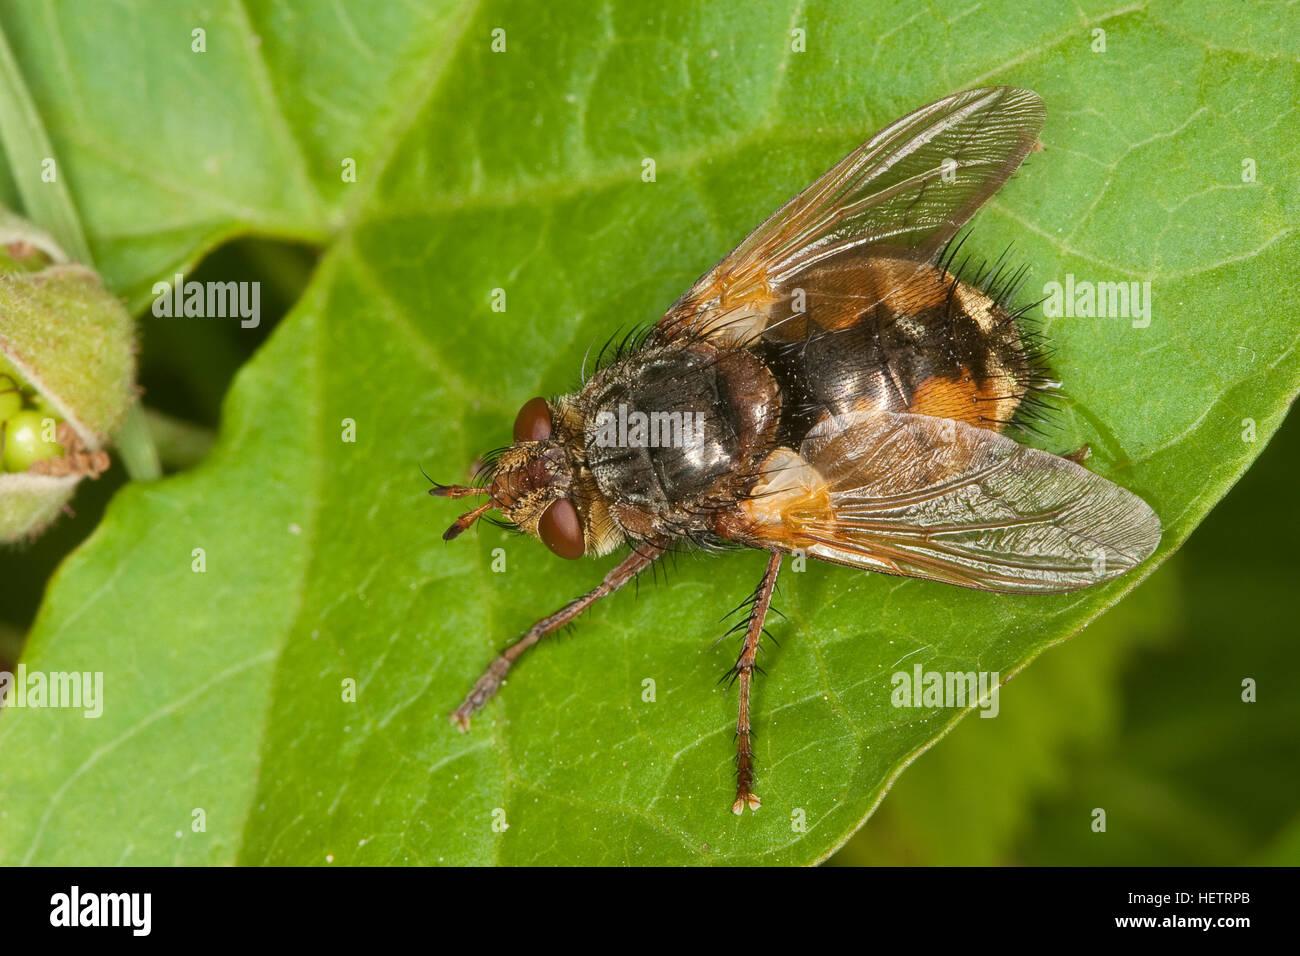 Igelfliege, Raupenfliege, Weibchen, Tachina fera, Tachinid Fly, Tachinidae, Raupenfliegen, Igelfliegen, Schmarotzerfliegen, Stock Photo